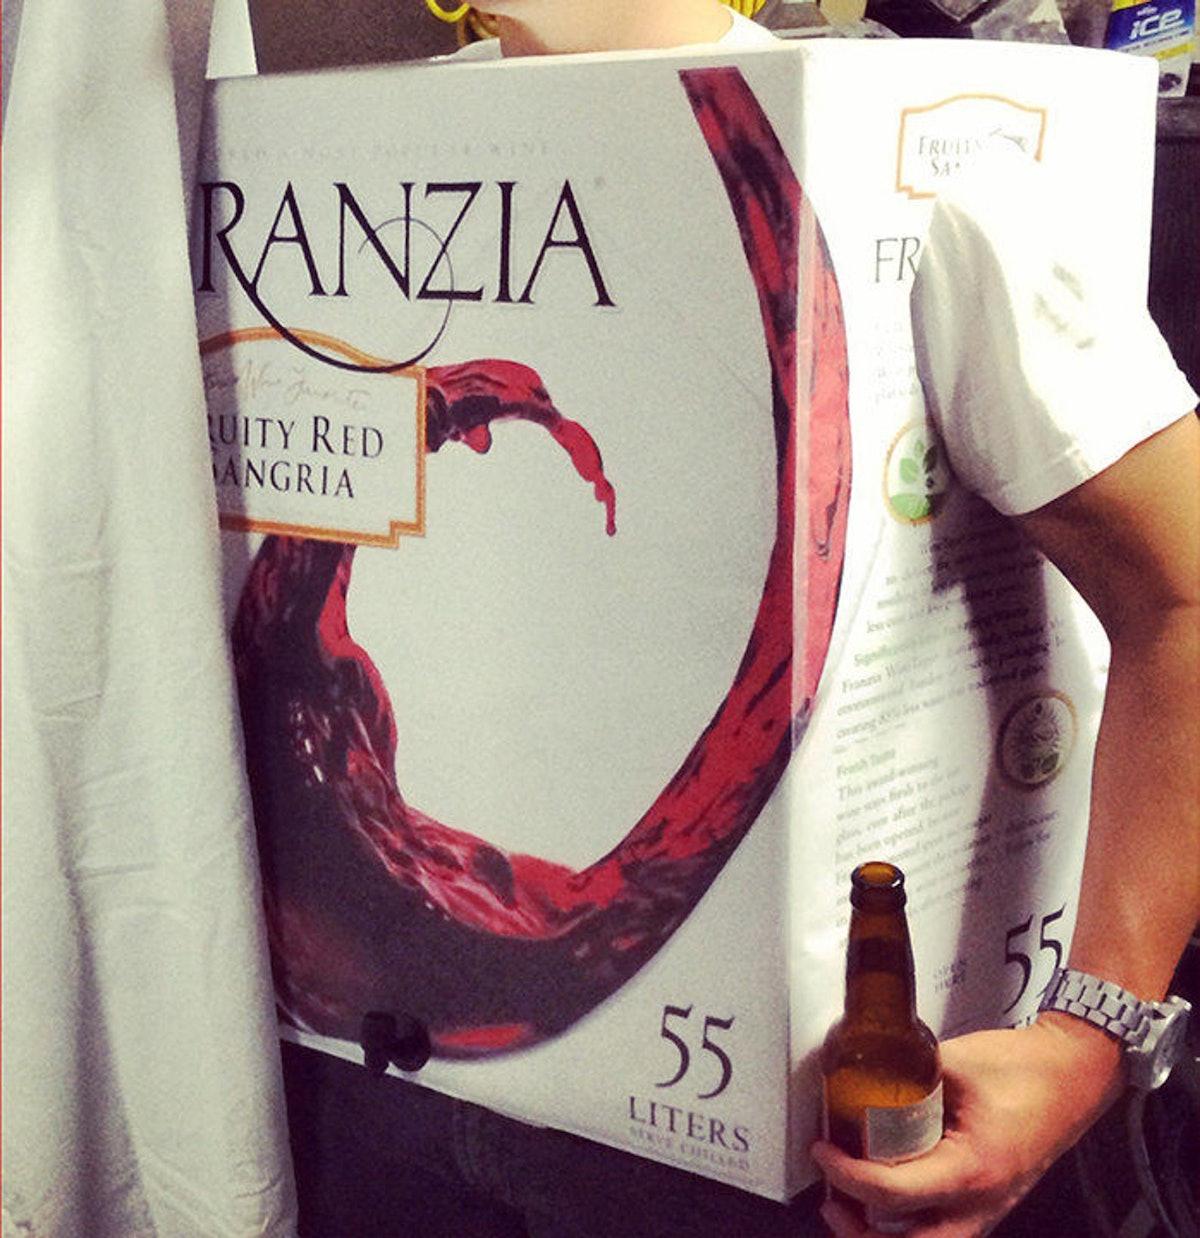 Franzia Box Wine